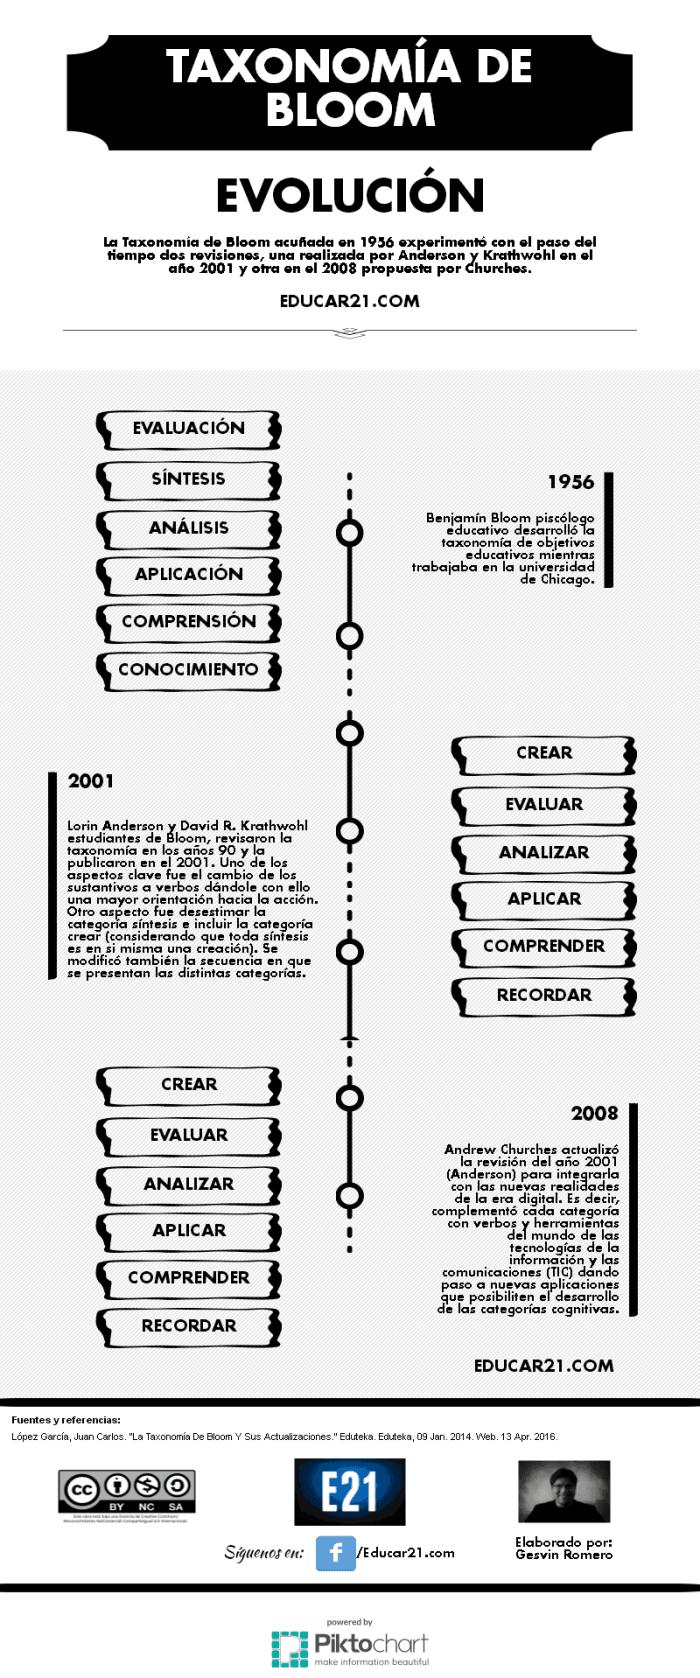 TaxonomíaBloomRevisionesTiempo-Infografía-Educar21